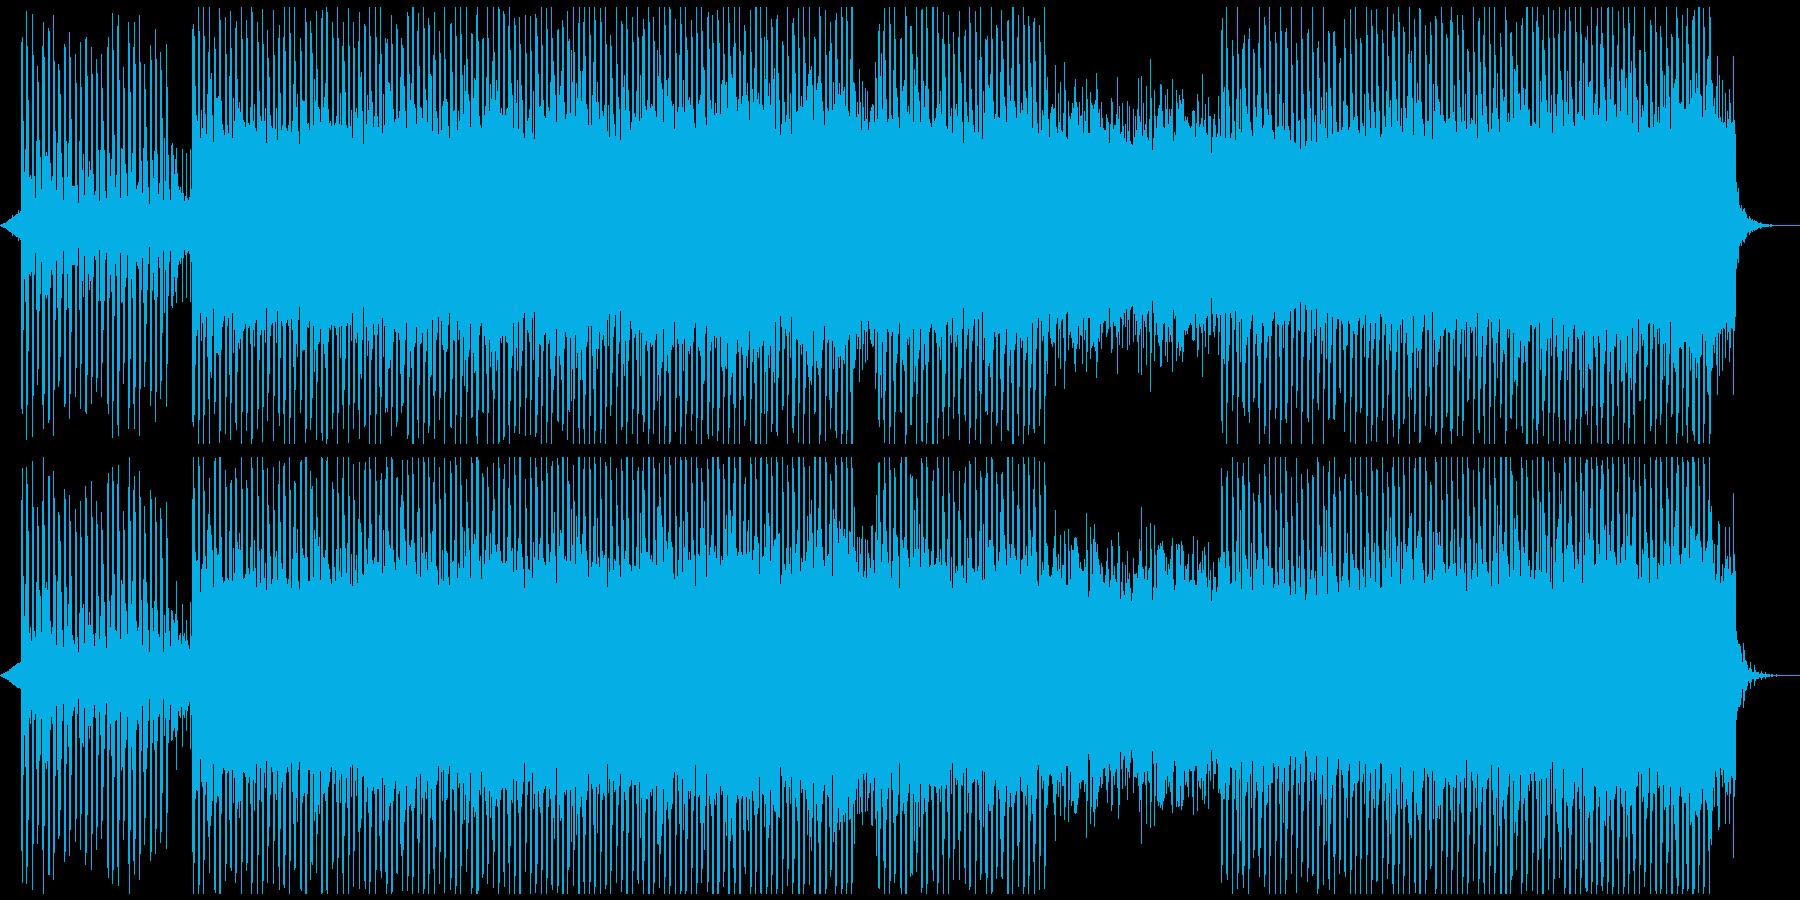 明るい心に強く訴える企業音楽の再生済みの波形